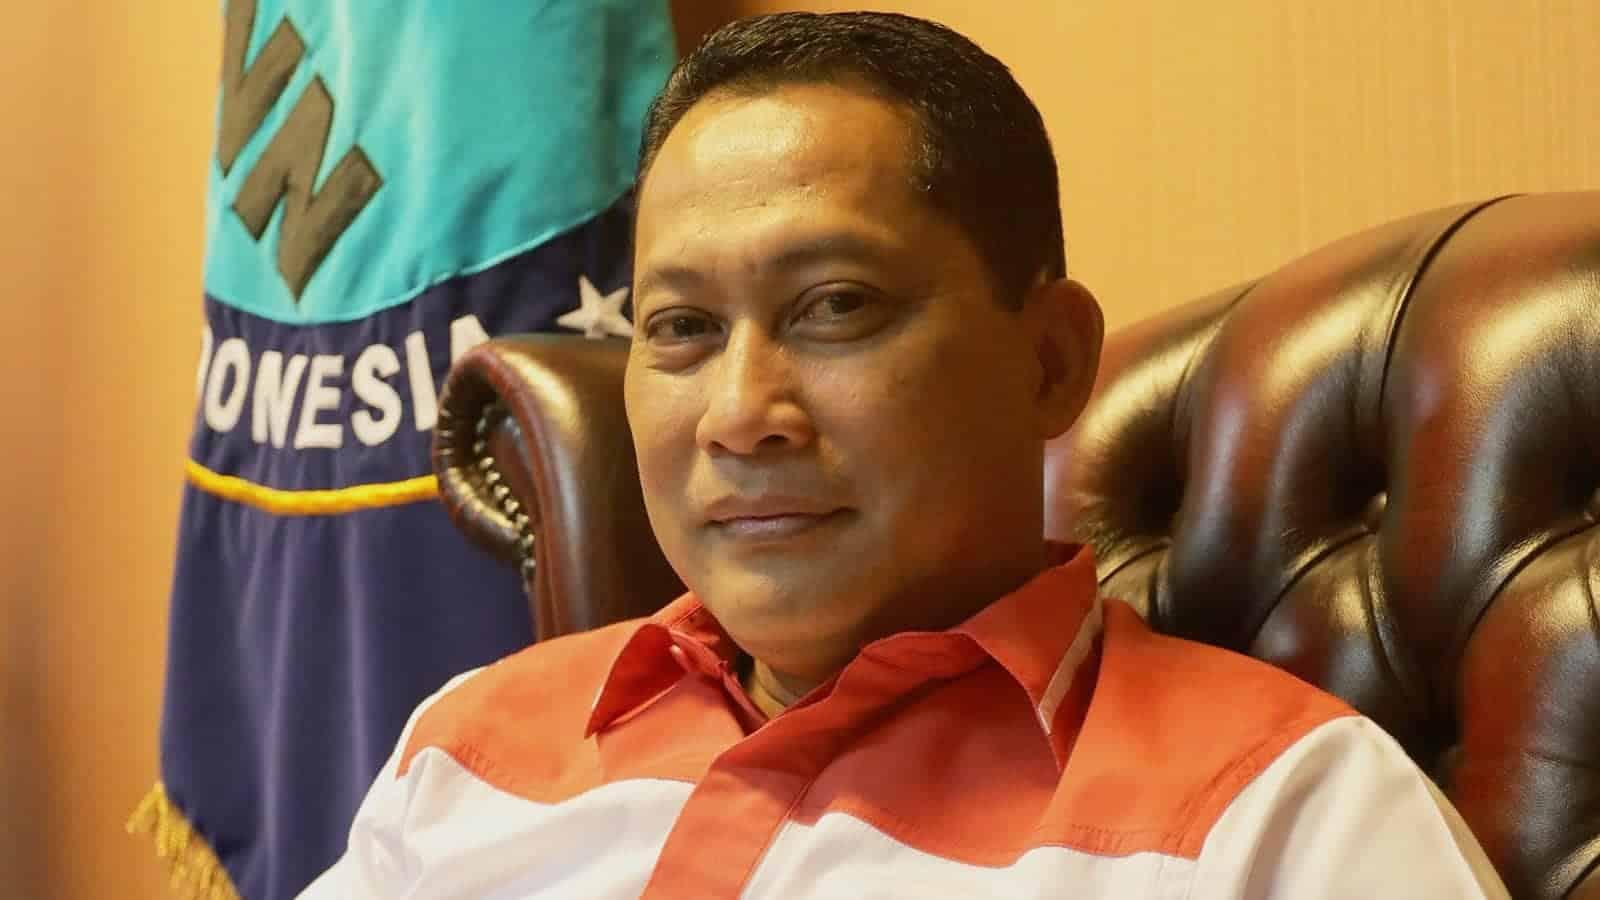 Komisaris Jenderal Polisi (Purn) Drs. Budi Waseso